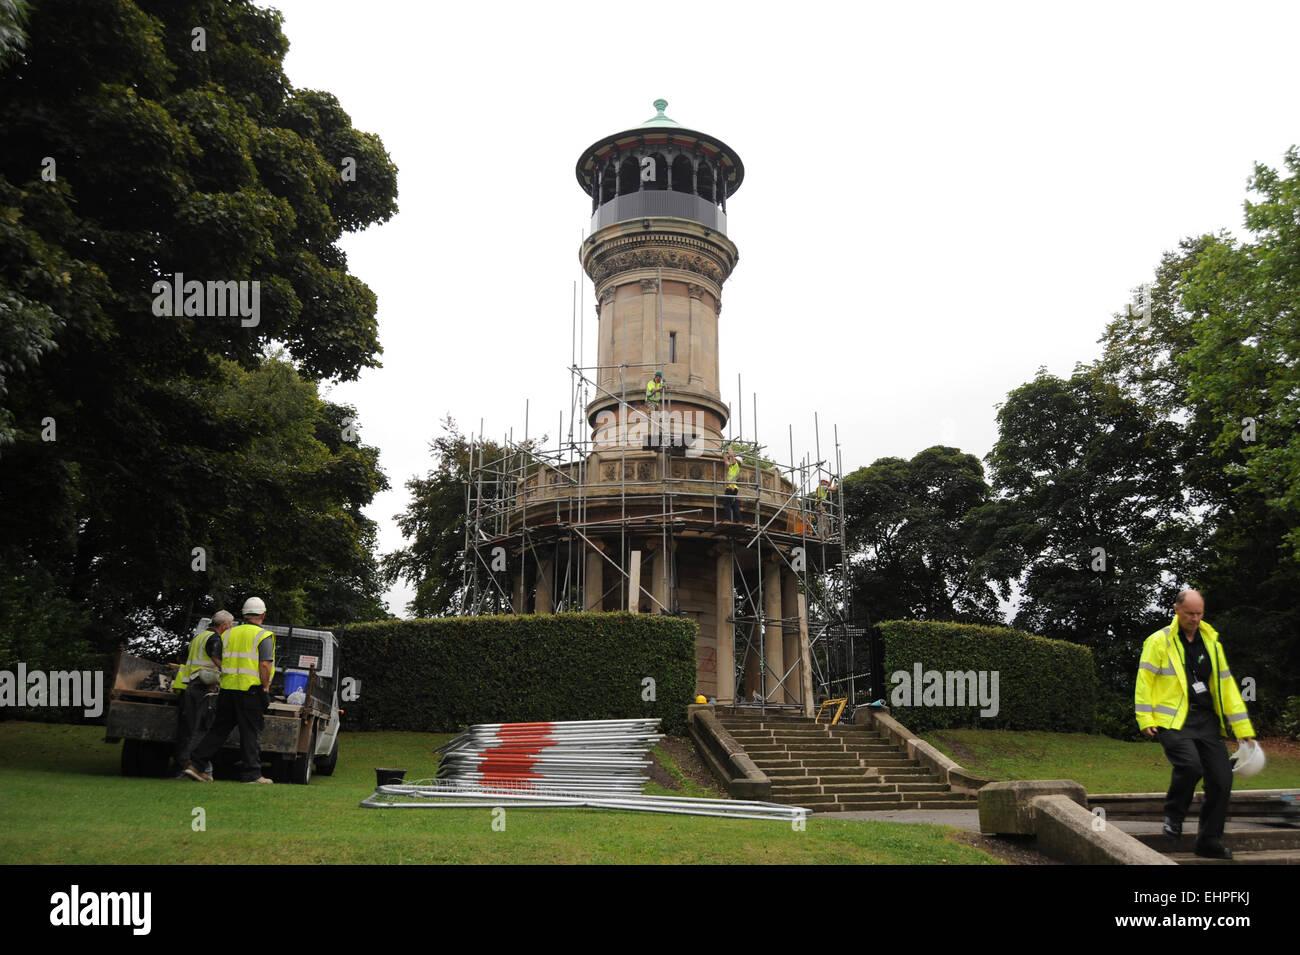 L'échafaudage est retiré de Locke Park Tower, Barnsley, South Yorkshire, UK après rénovation. 12 septembre 2013. Photo: S Banque D'Images